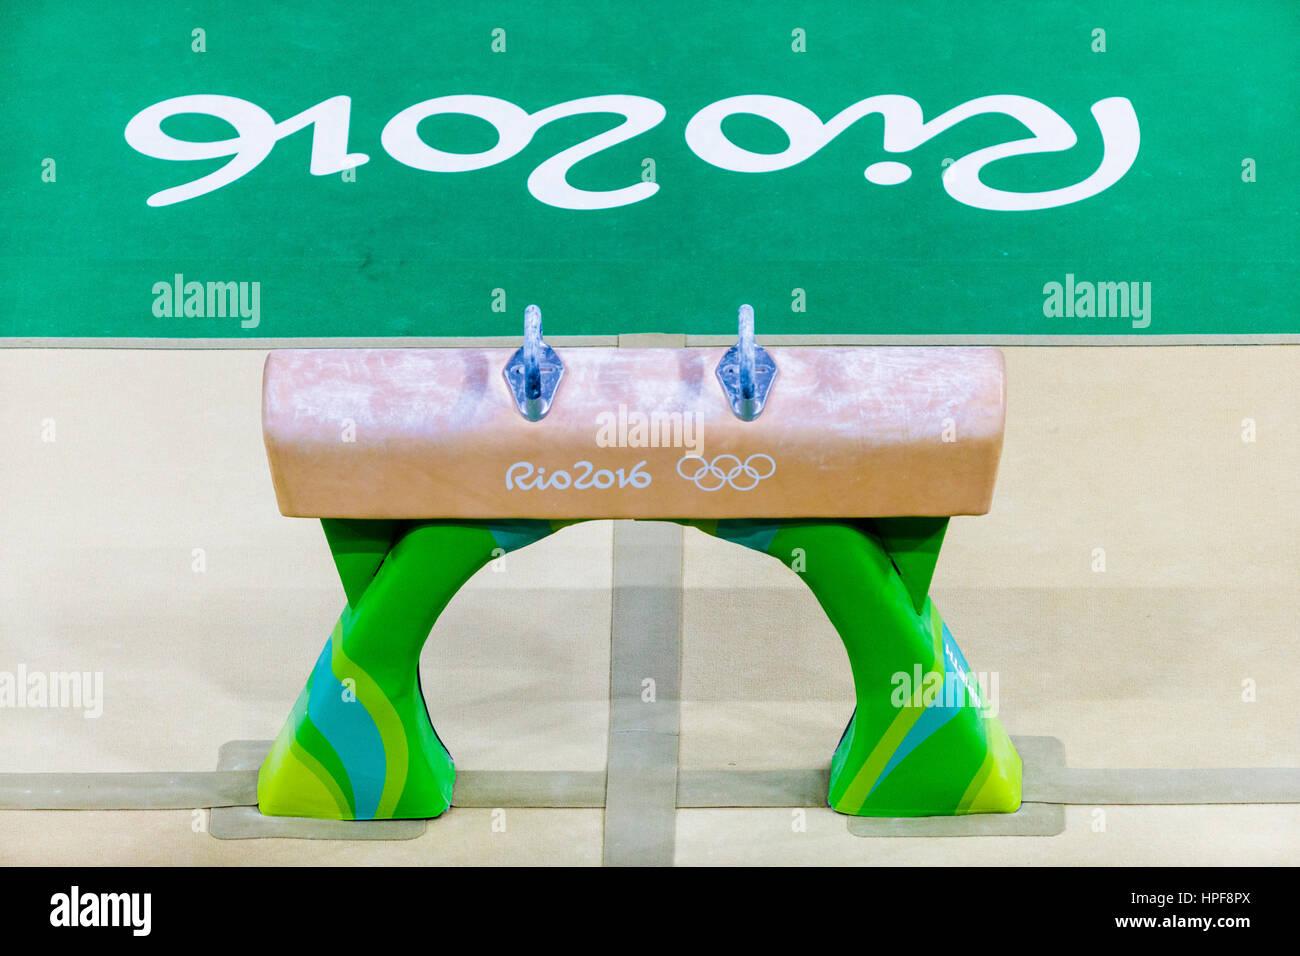 Río de Janeiro, Brasil. 08 de agosto de 2016. Pomo caballo durante los hombres equipo artístico final en los Juegos Olímpicos de Verano de 2016. ©Paul J. Sutton/PCN Fotografía Foto de stock